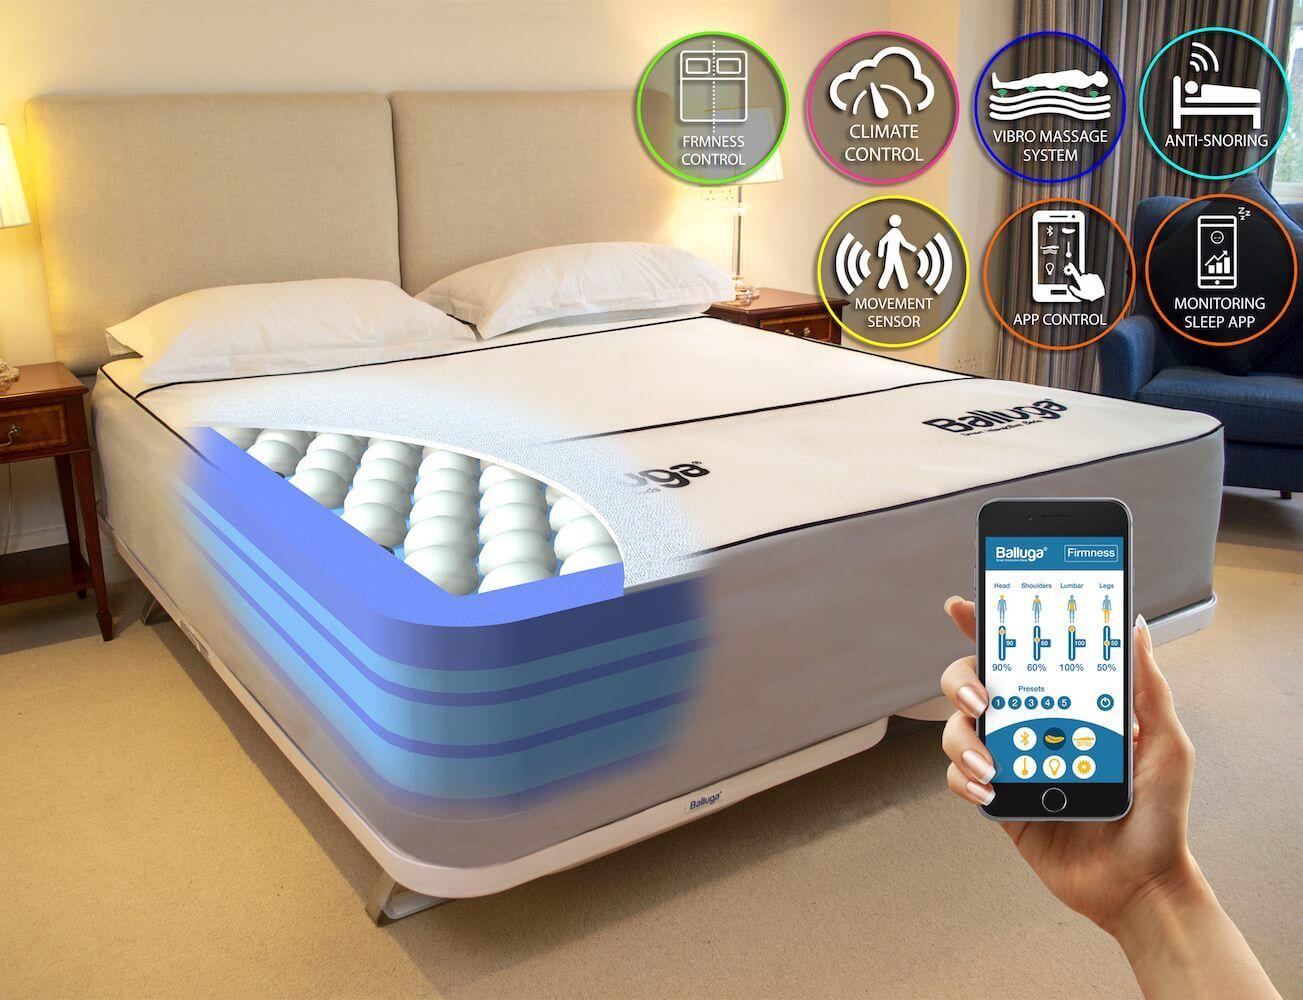 تشک های هوشمند Smart bed, Smart mattress, Smart home